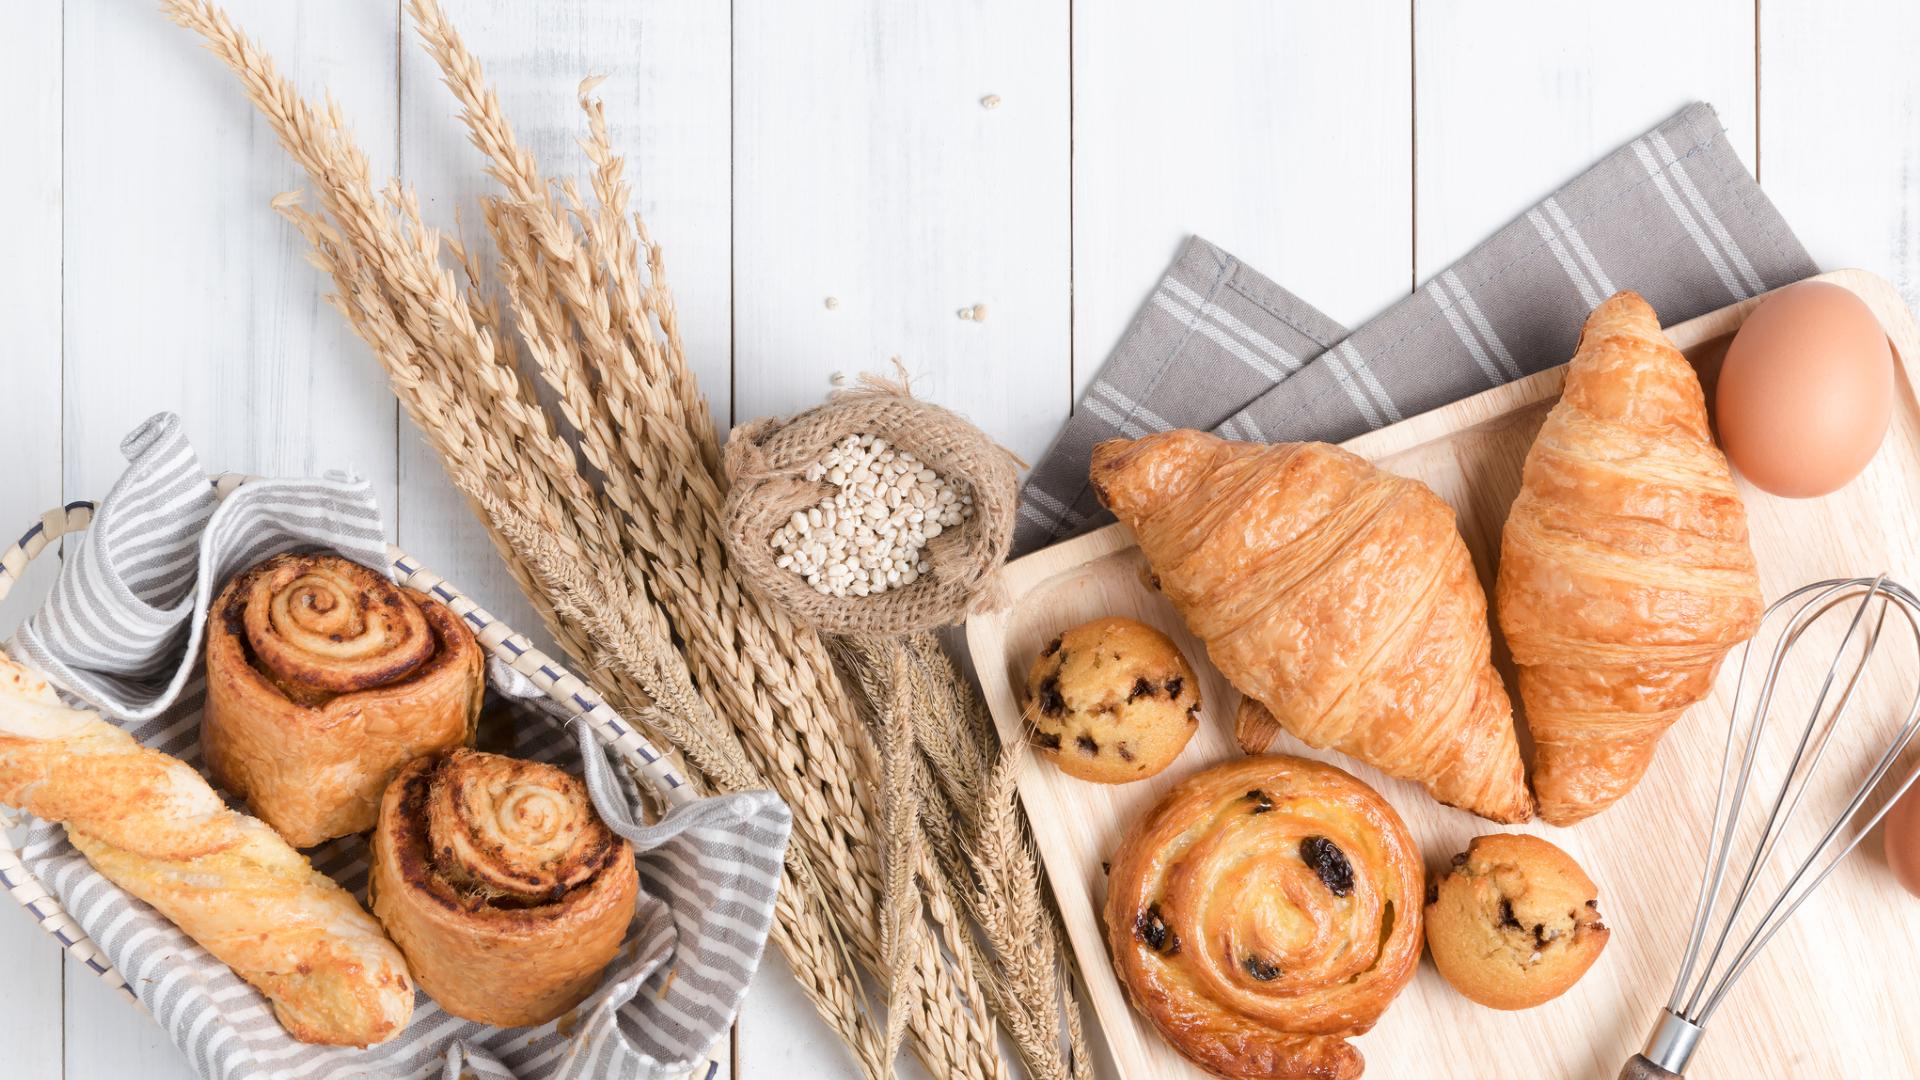 Бял препечен хляб.<br /> Ако искаме да хапваме хляб, то трябва да се разделим с пухкавите бели филии. Пълнозърнестият хляб е с много повече полезни вещества, отколкото белият. Фибрите в него подобряват храносмилането ни, той е богат на витамини от Б групата и покачва бавно кръвната ни захар.